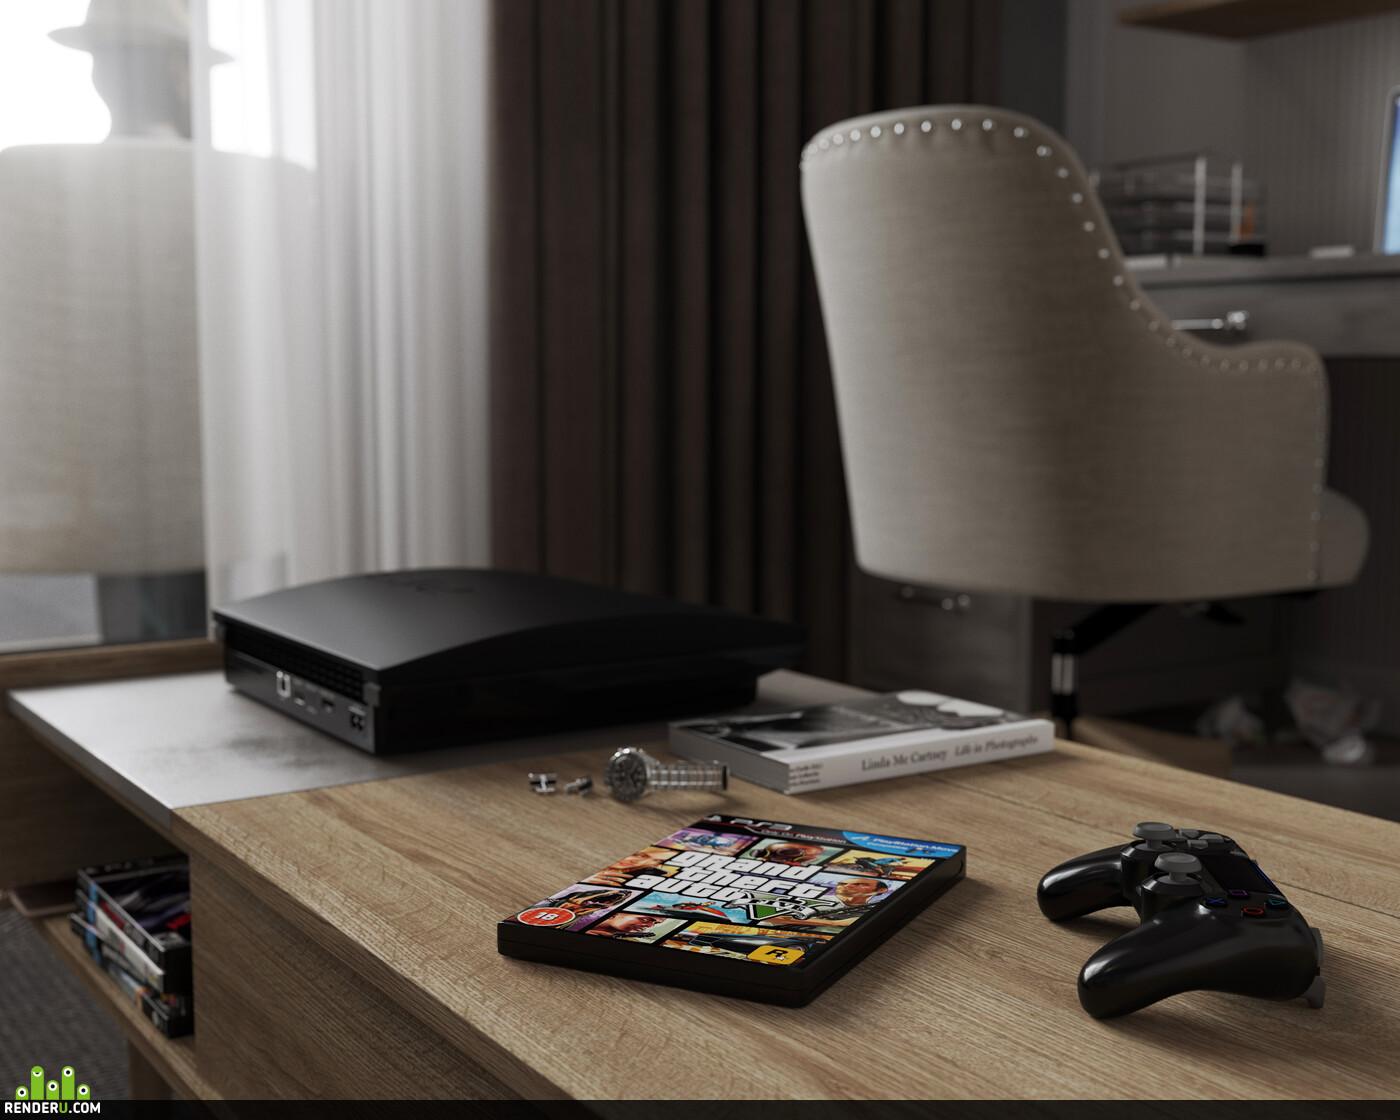 кабинет, комната, гостиная, визуализация, 3д визуализация, визуализация, архитектура, интерьер, корона, дизайн интерьера, дизайн мебели